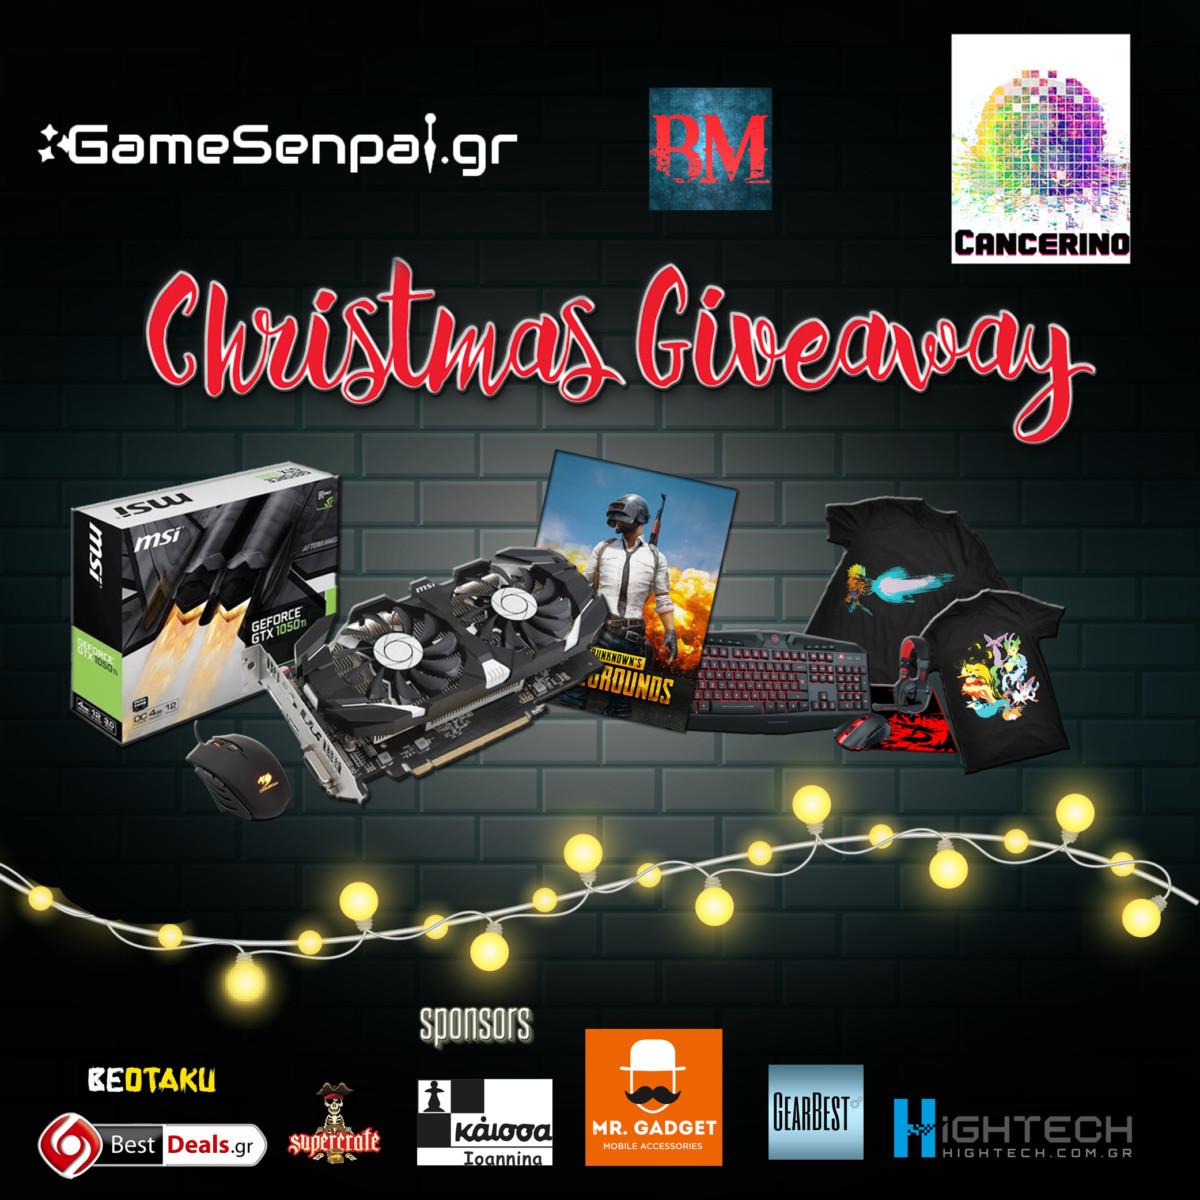 Νικητές Χριστουγεννίατικου Giveaway!!